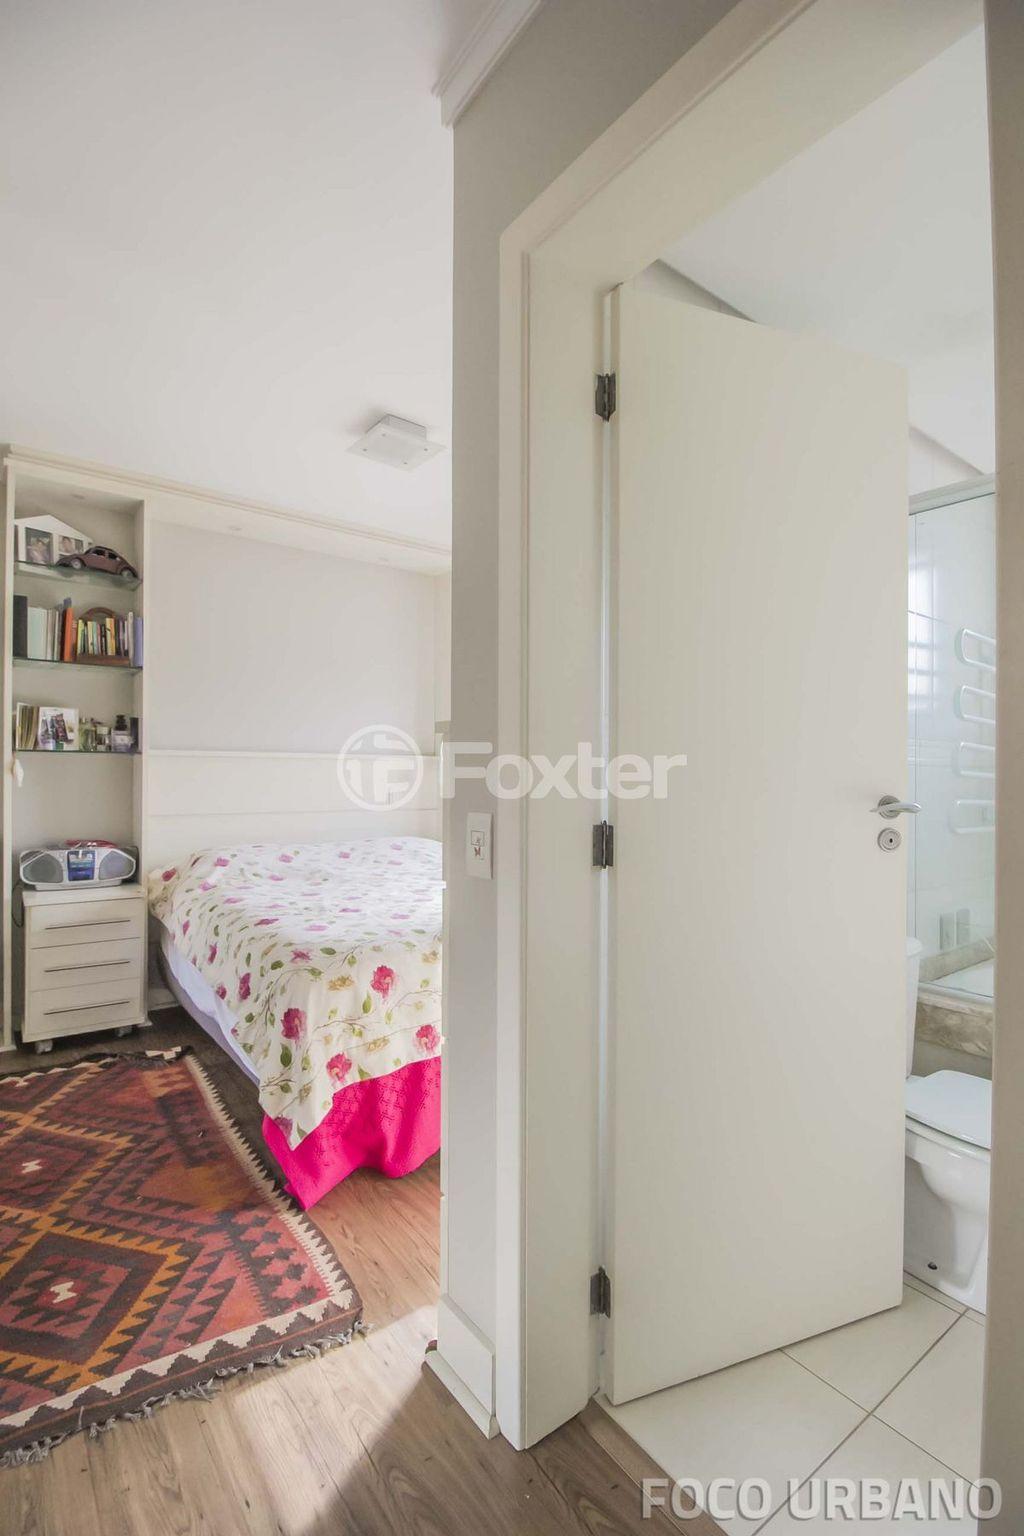 Positano - Apto 3 Dorm, Bela Vista, Porto Alegre (12520) - Foto 22